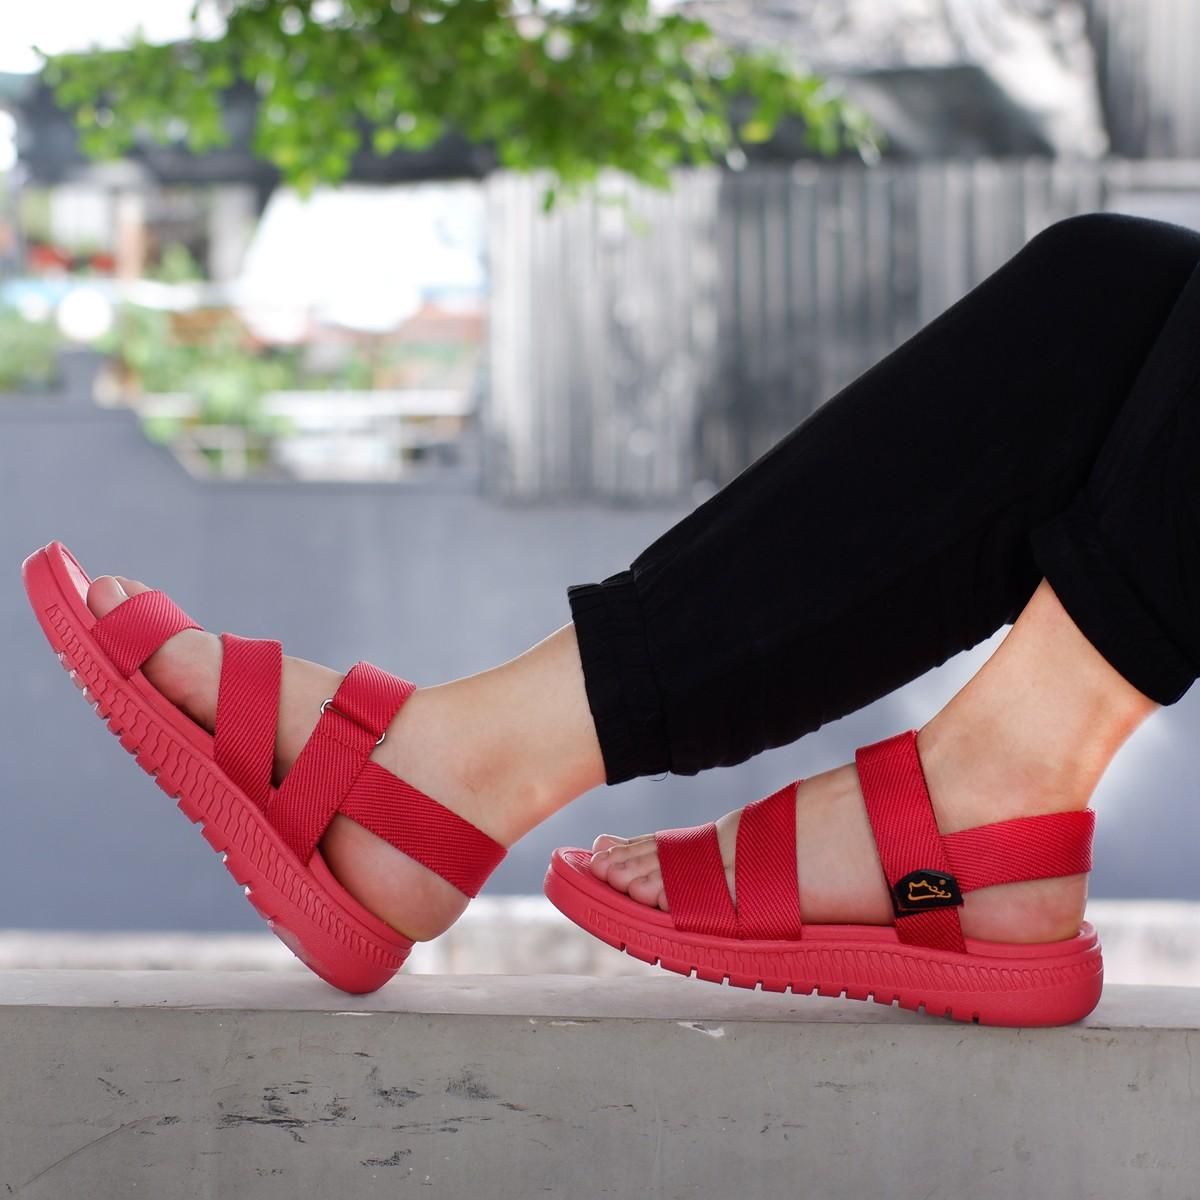 Giày xăng đan nam công nghệ siêu nhẹ hiệu MOL thích hợp mang đi học MS2R